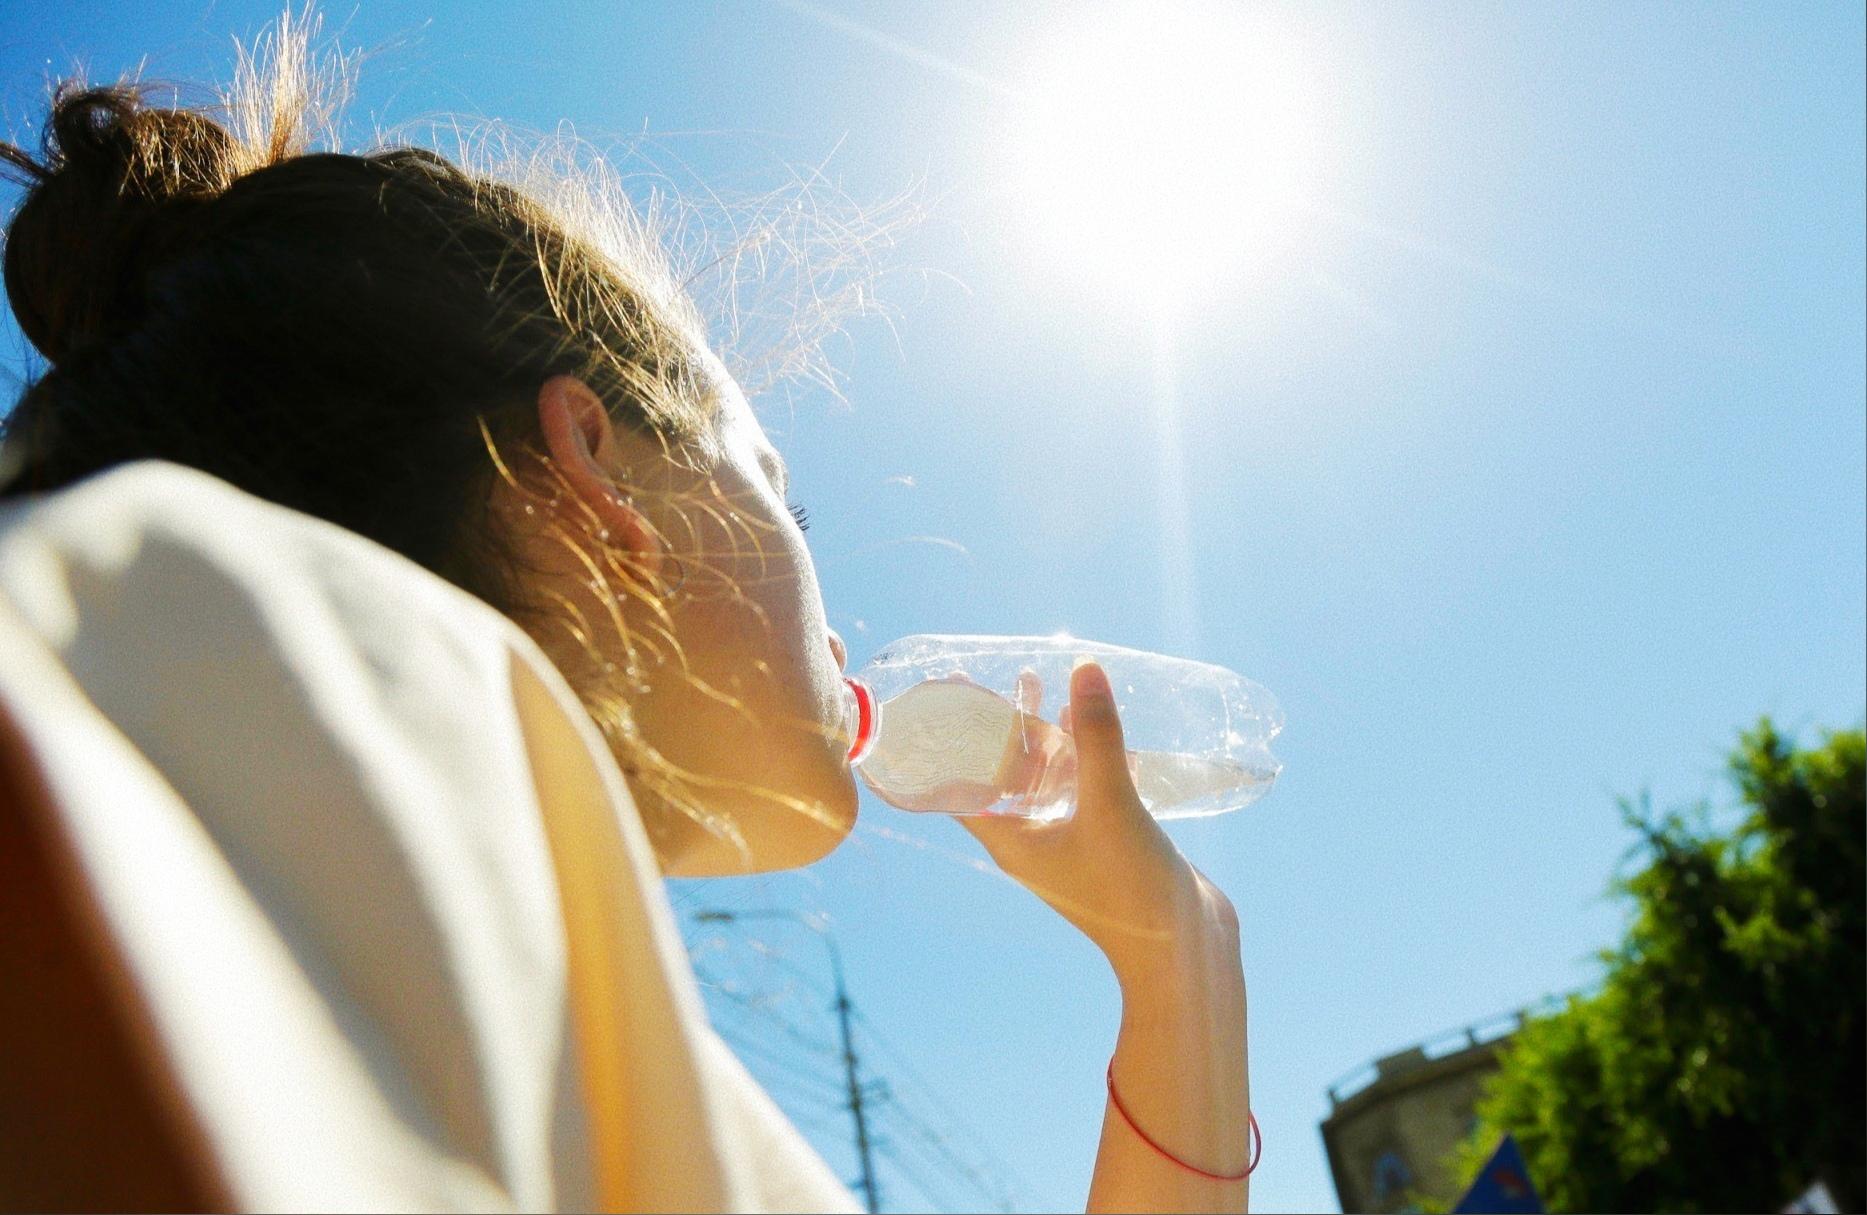 В Марий Эл до конца недели установится экстремальная жара до +35 градусов